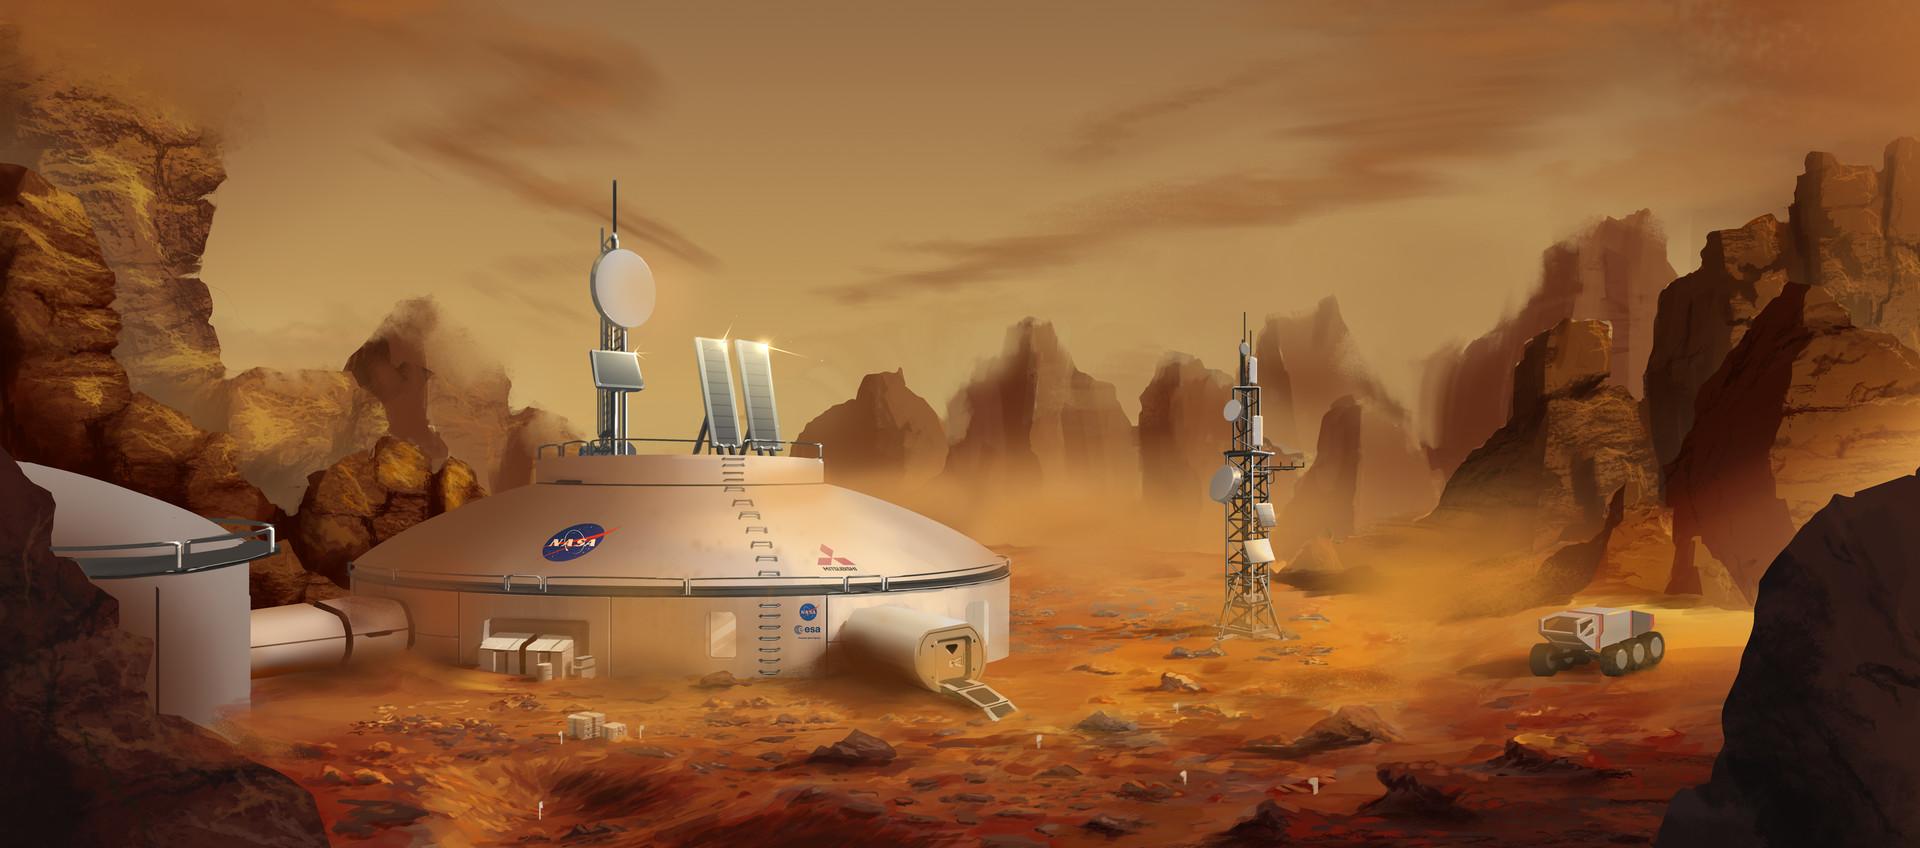 alexey-rubakin-mars-base-exterior